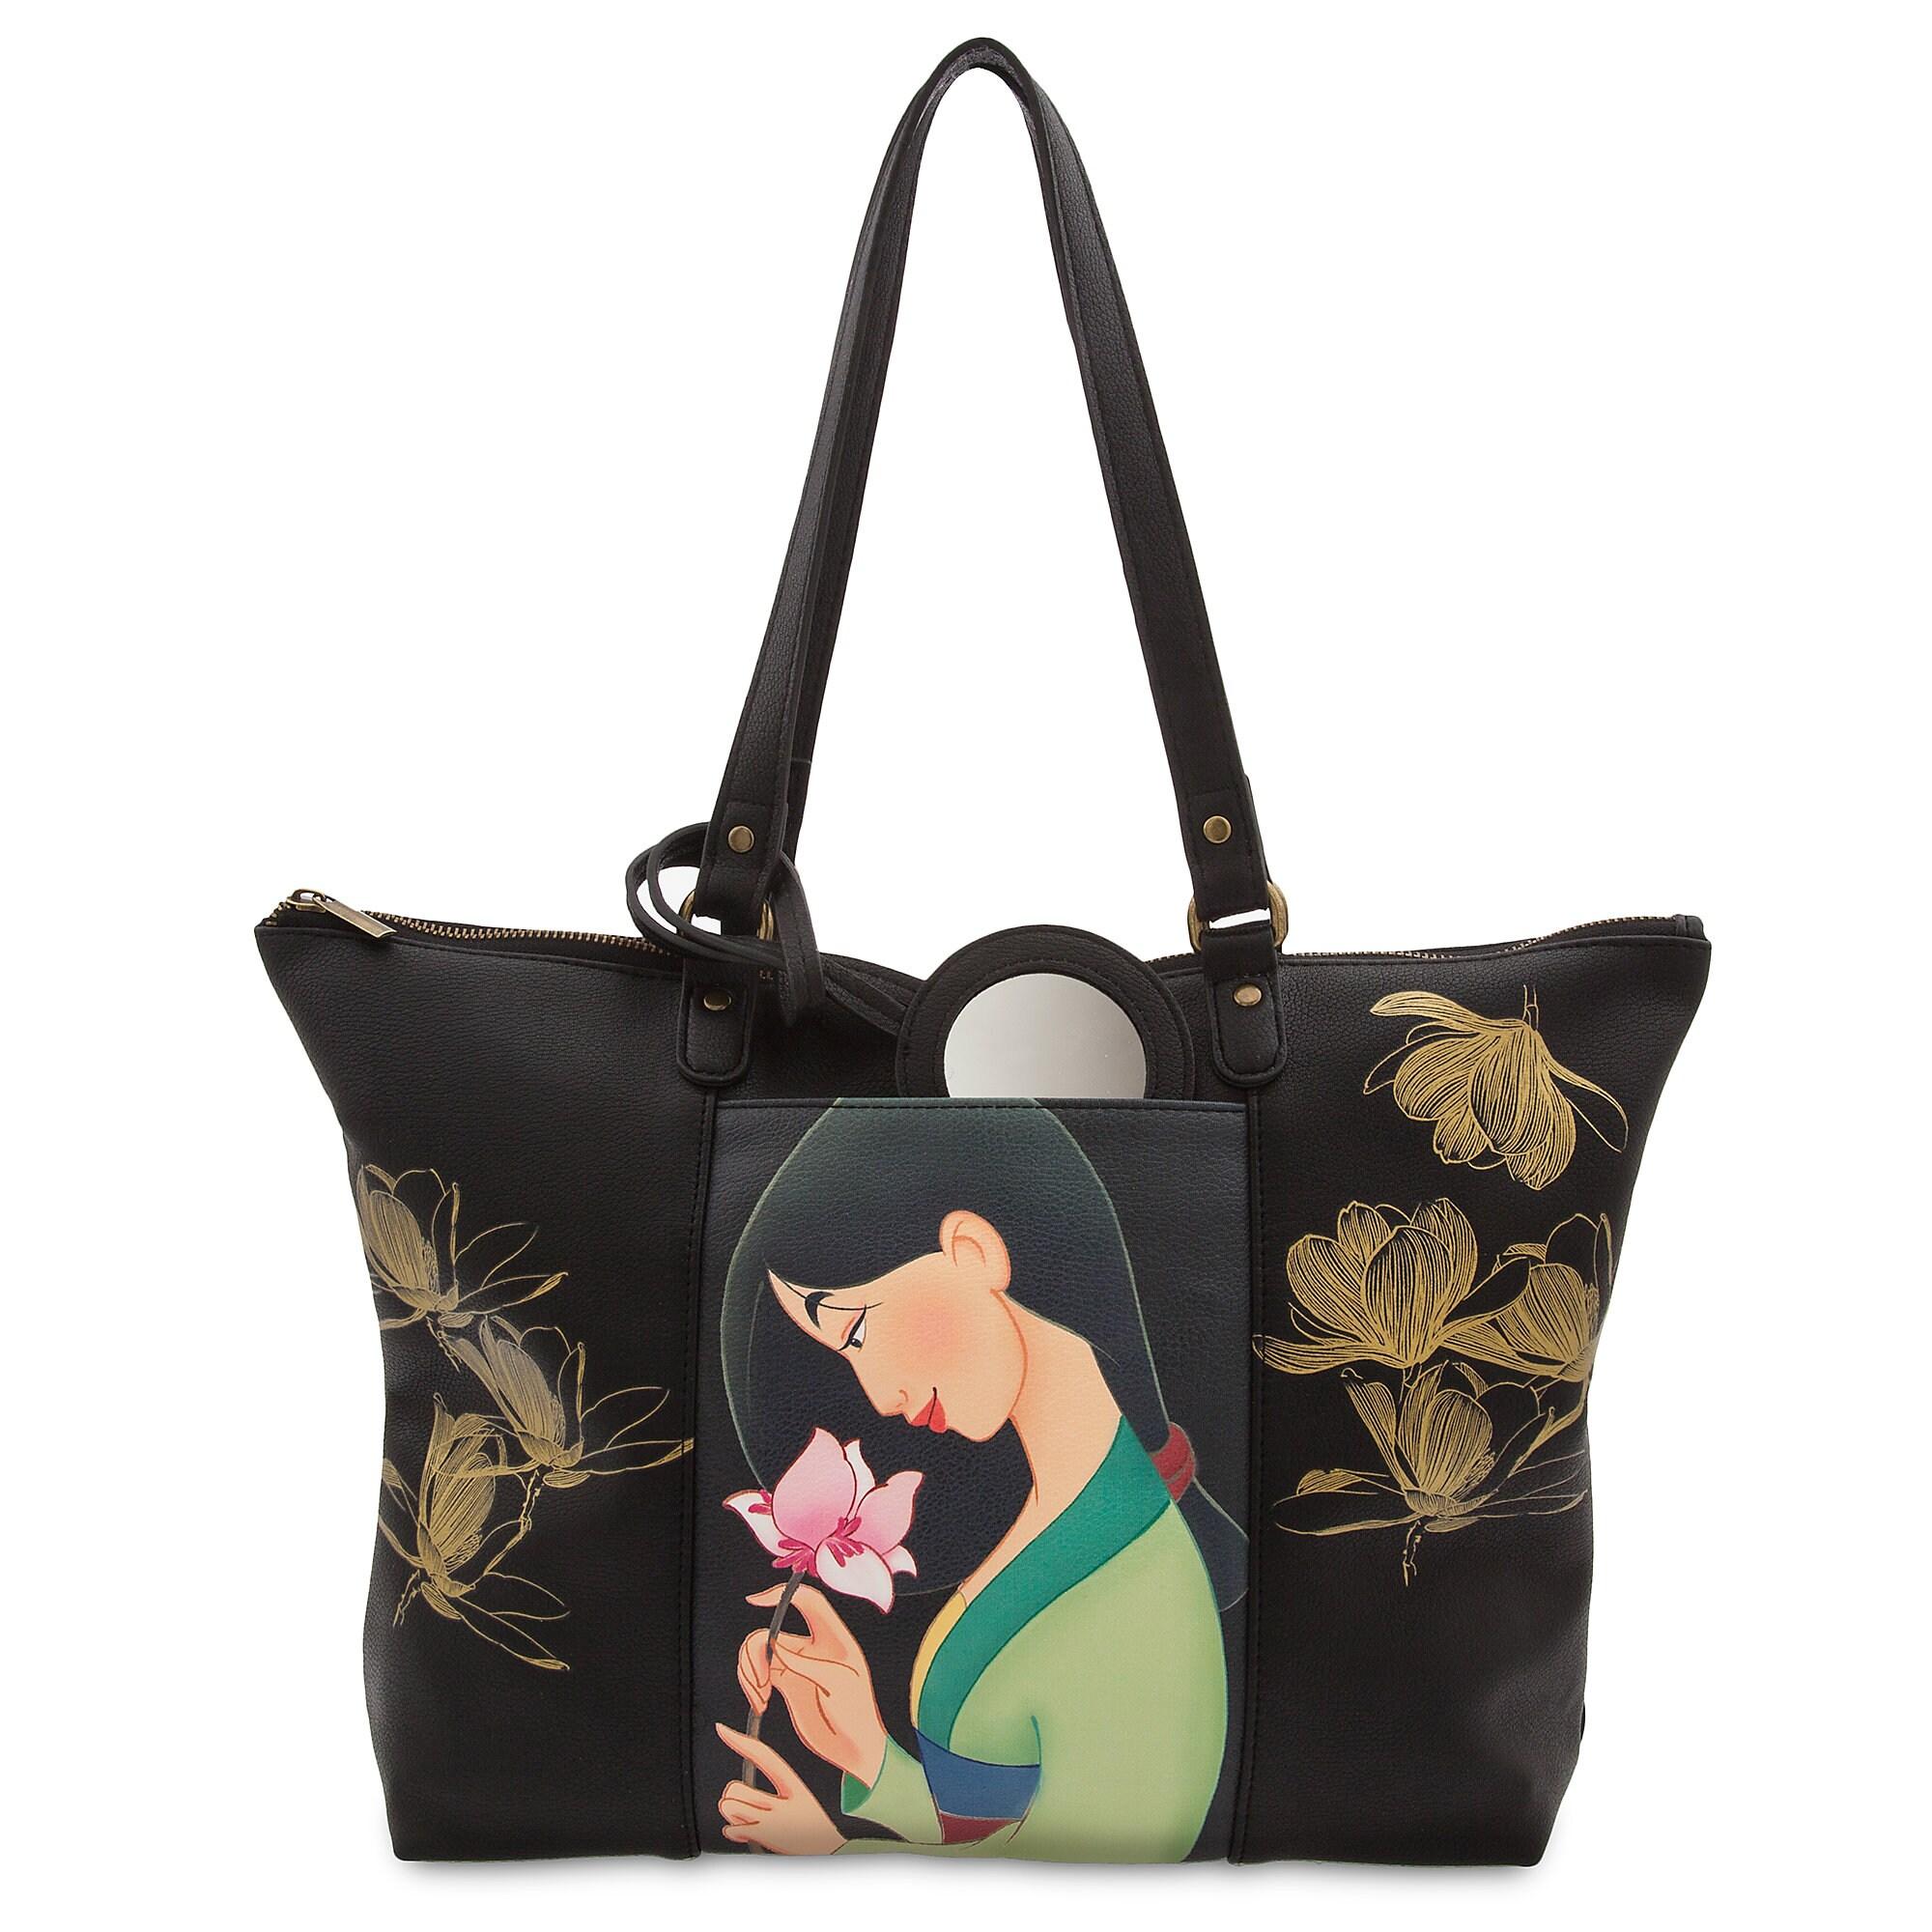 Mulan Fashion Bag for Women